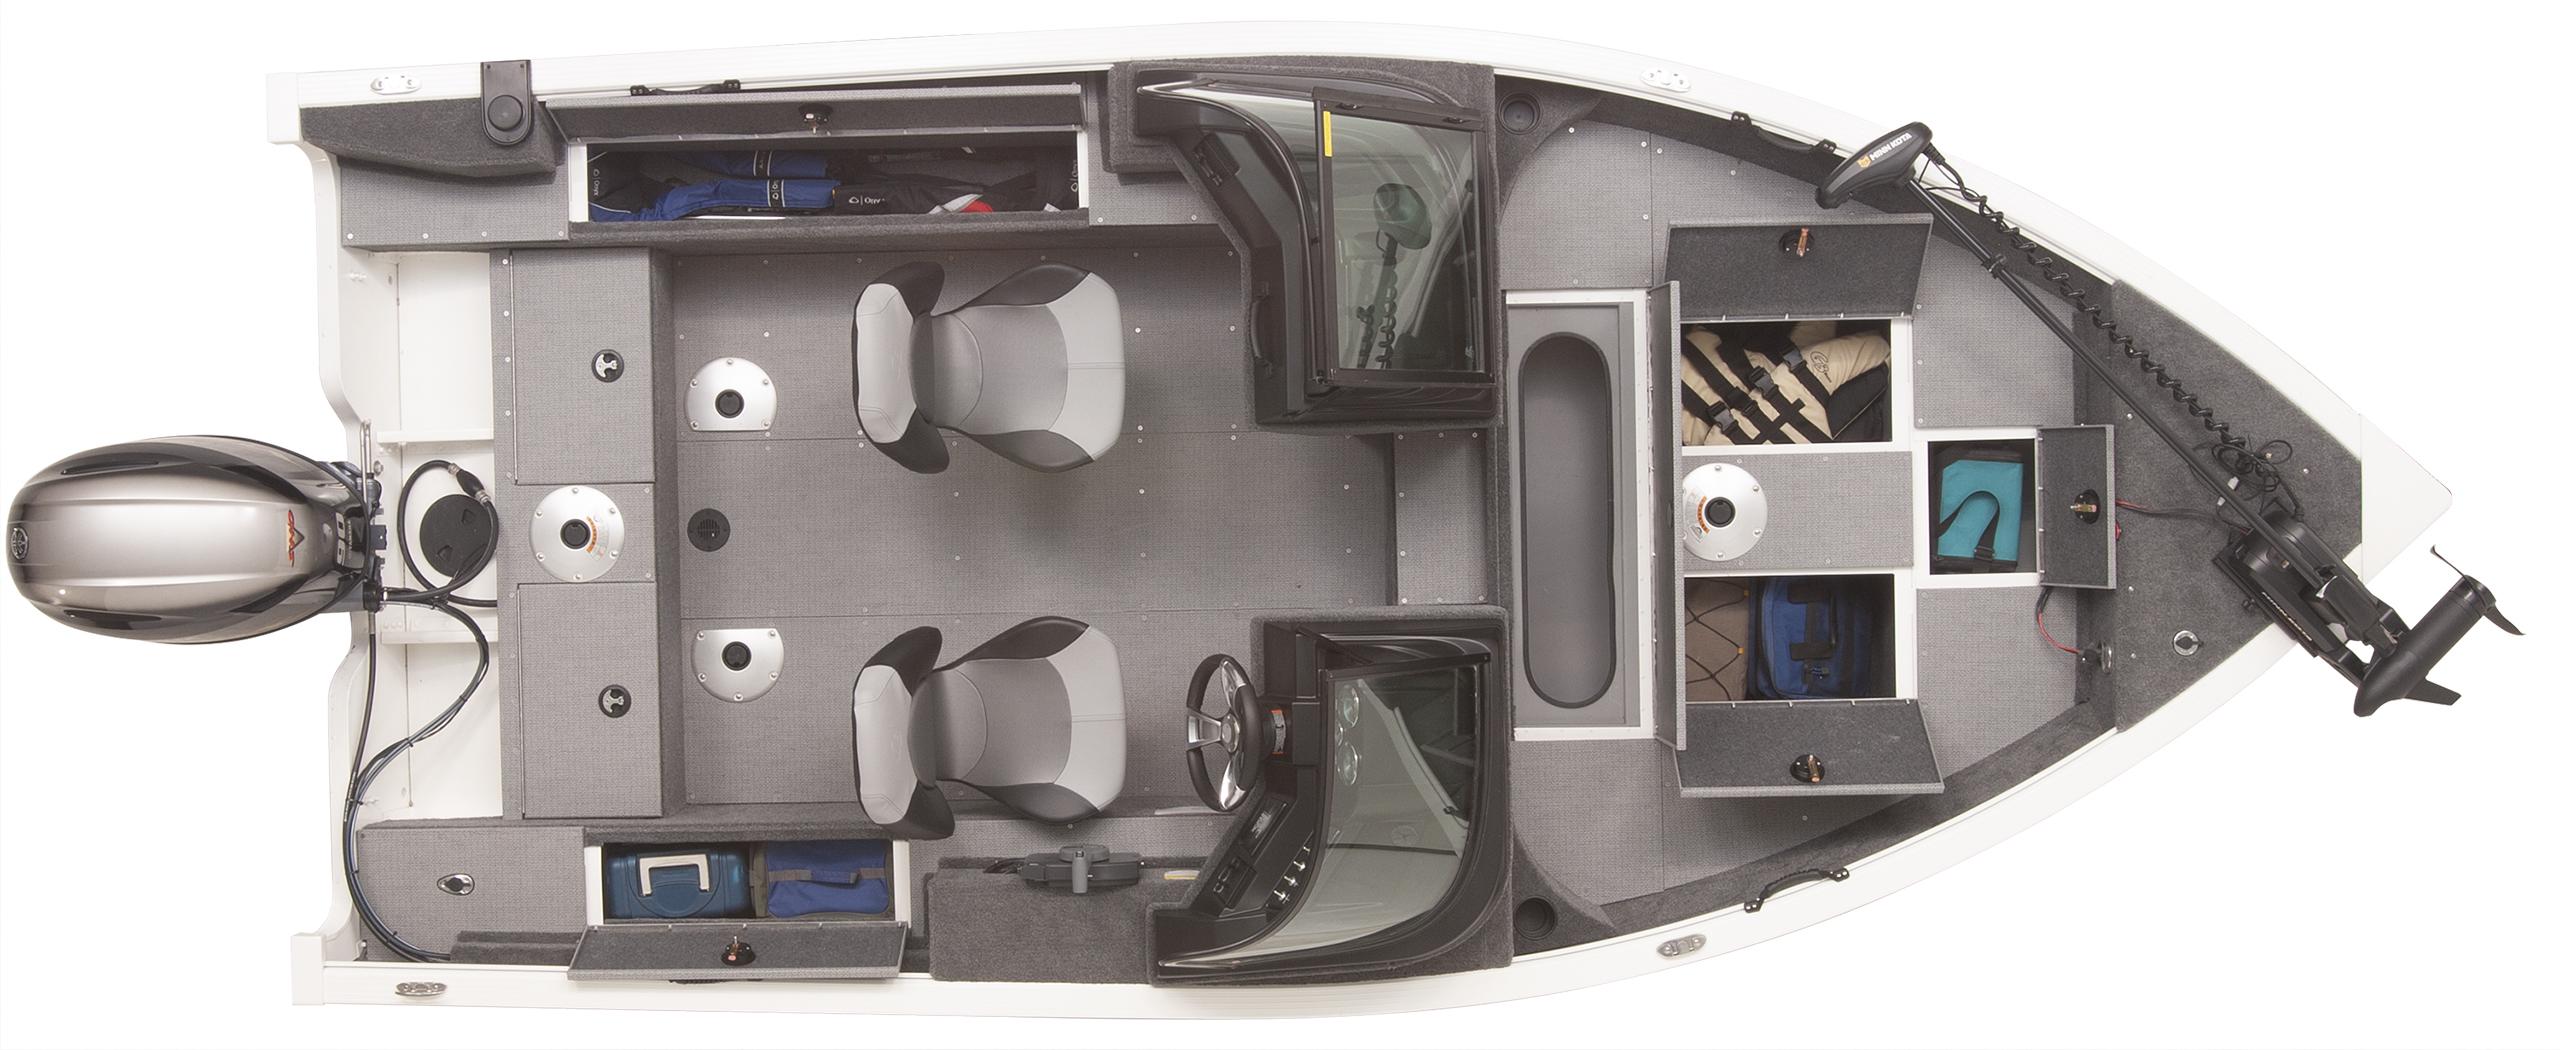 Angler V16 F OVH open